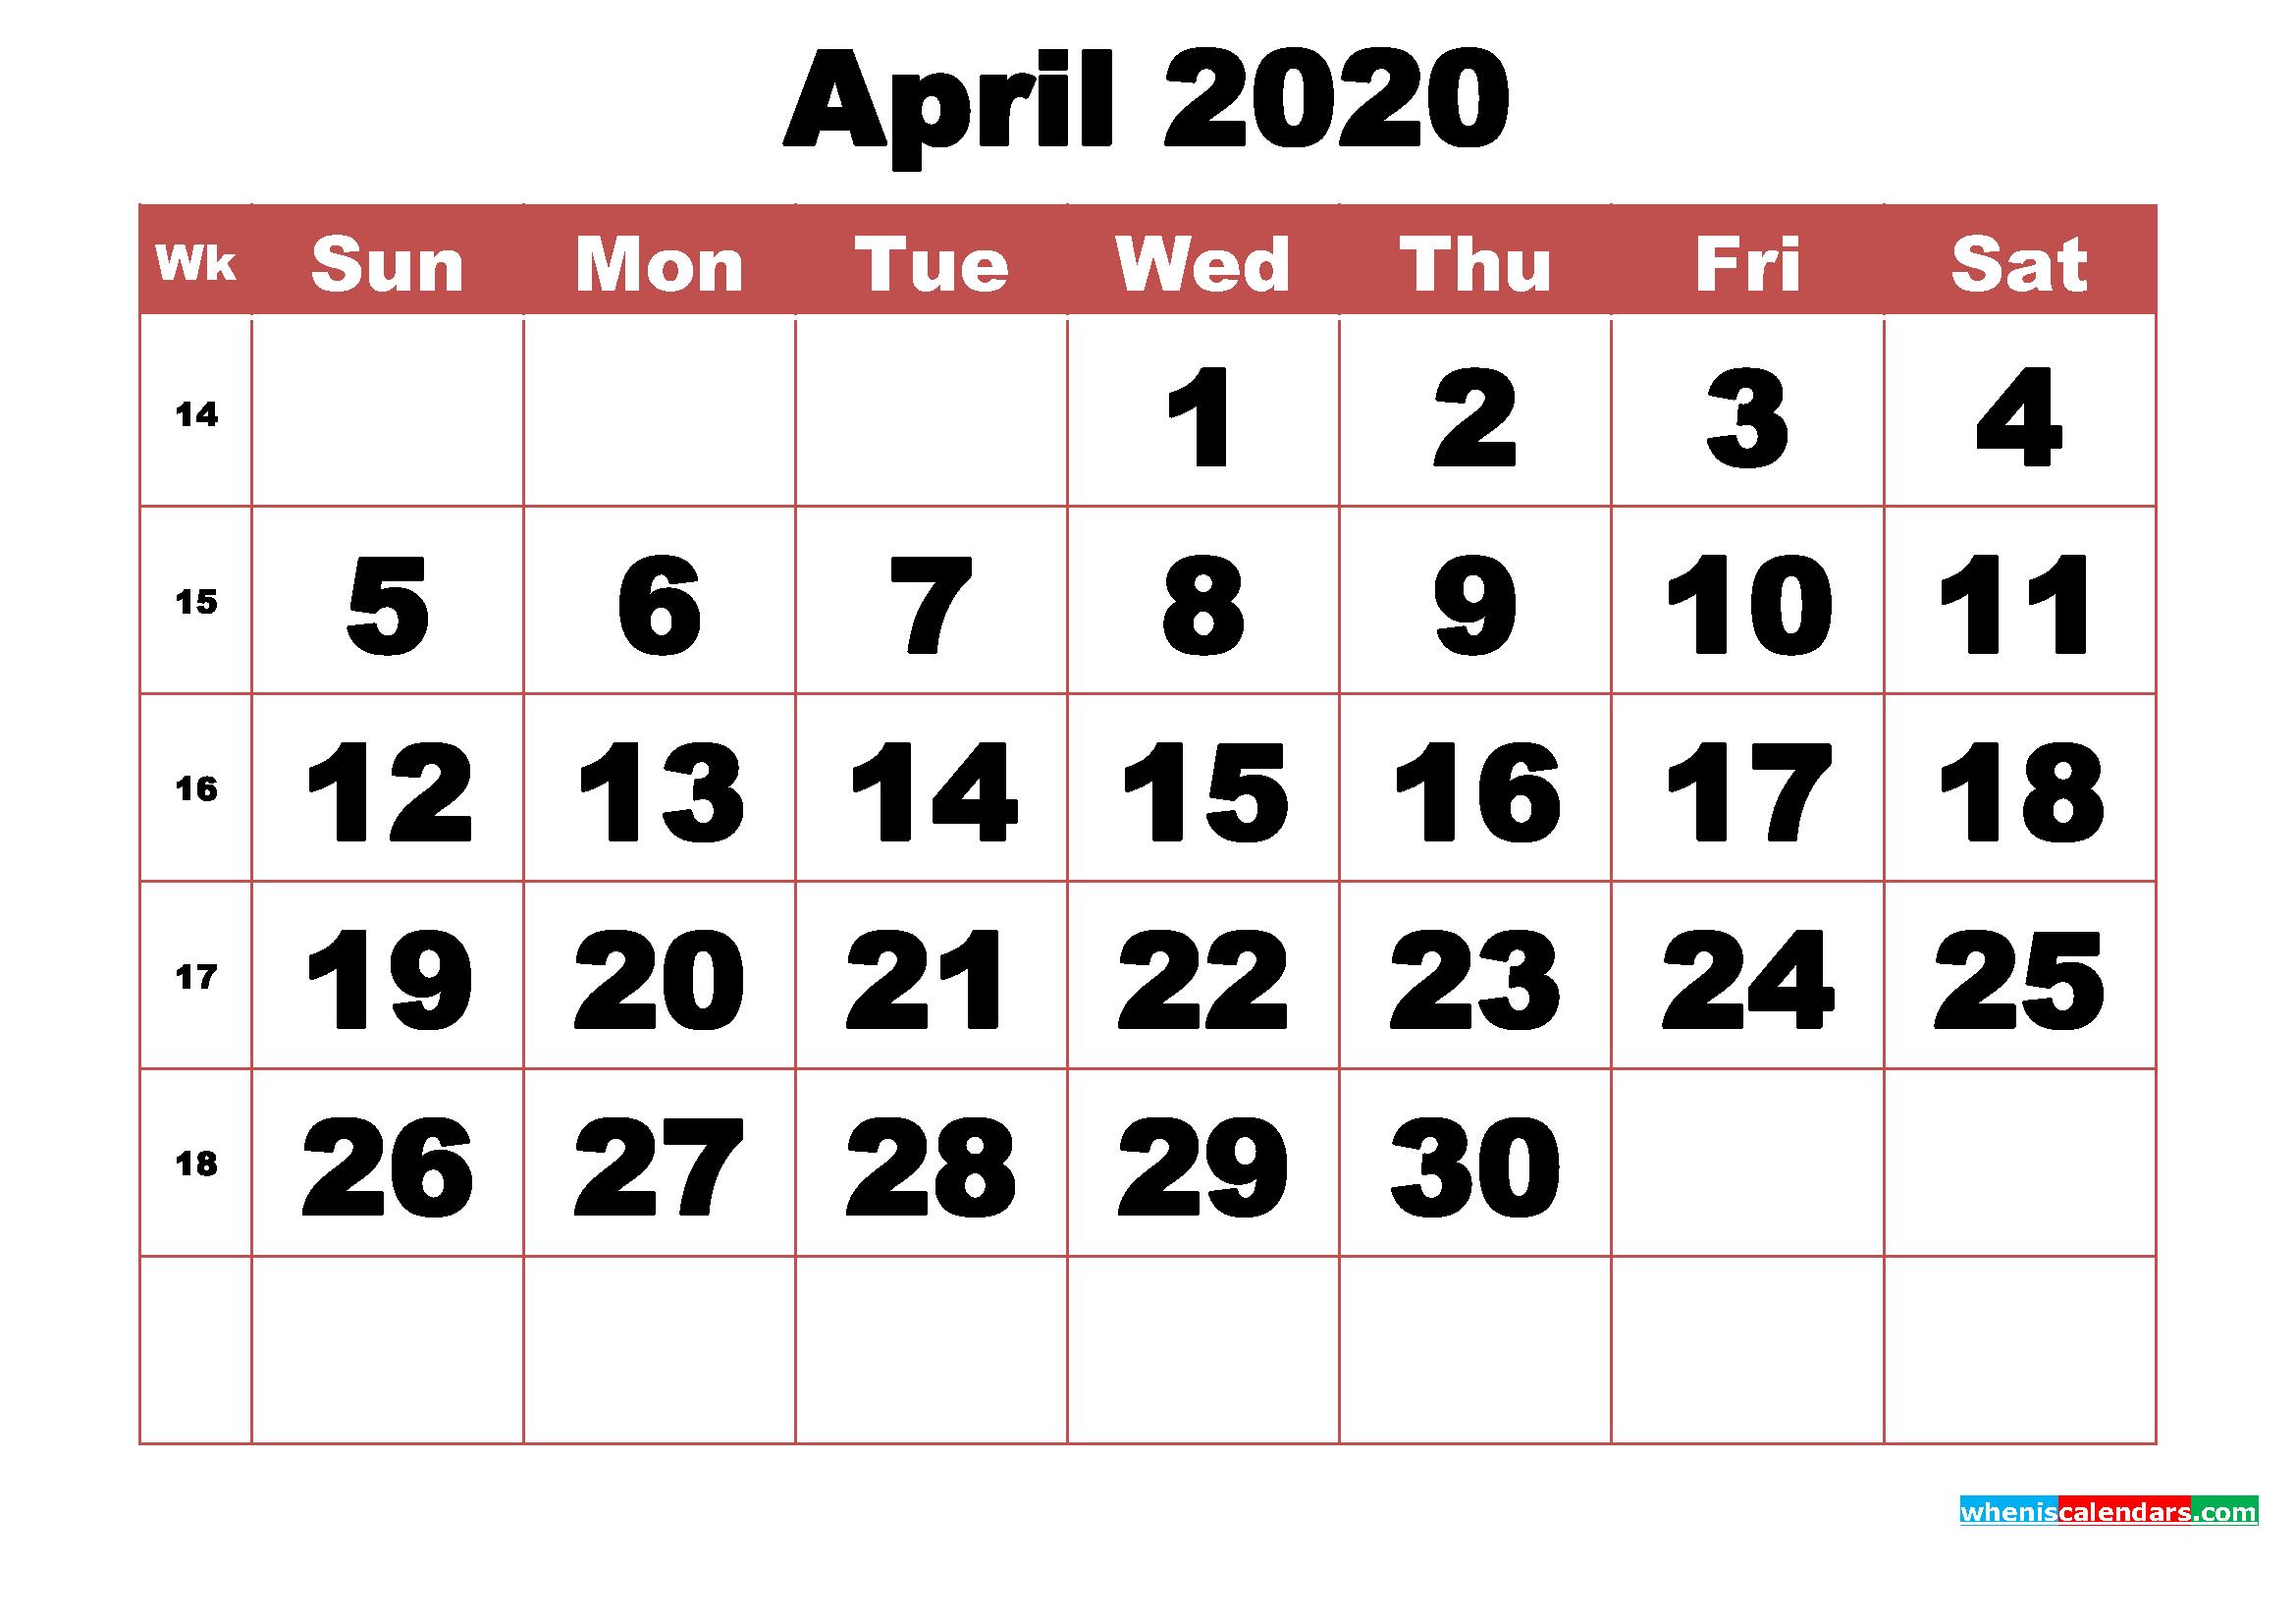 Free Printable April 2020 Calendar With Week Numbers